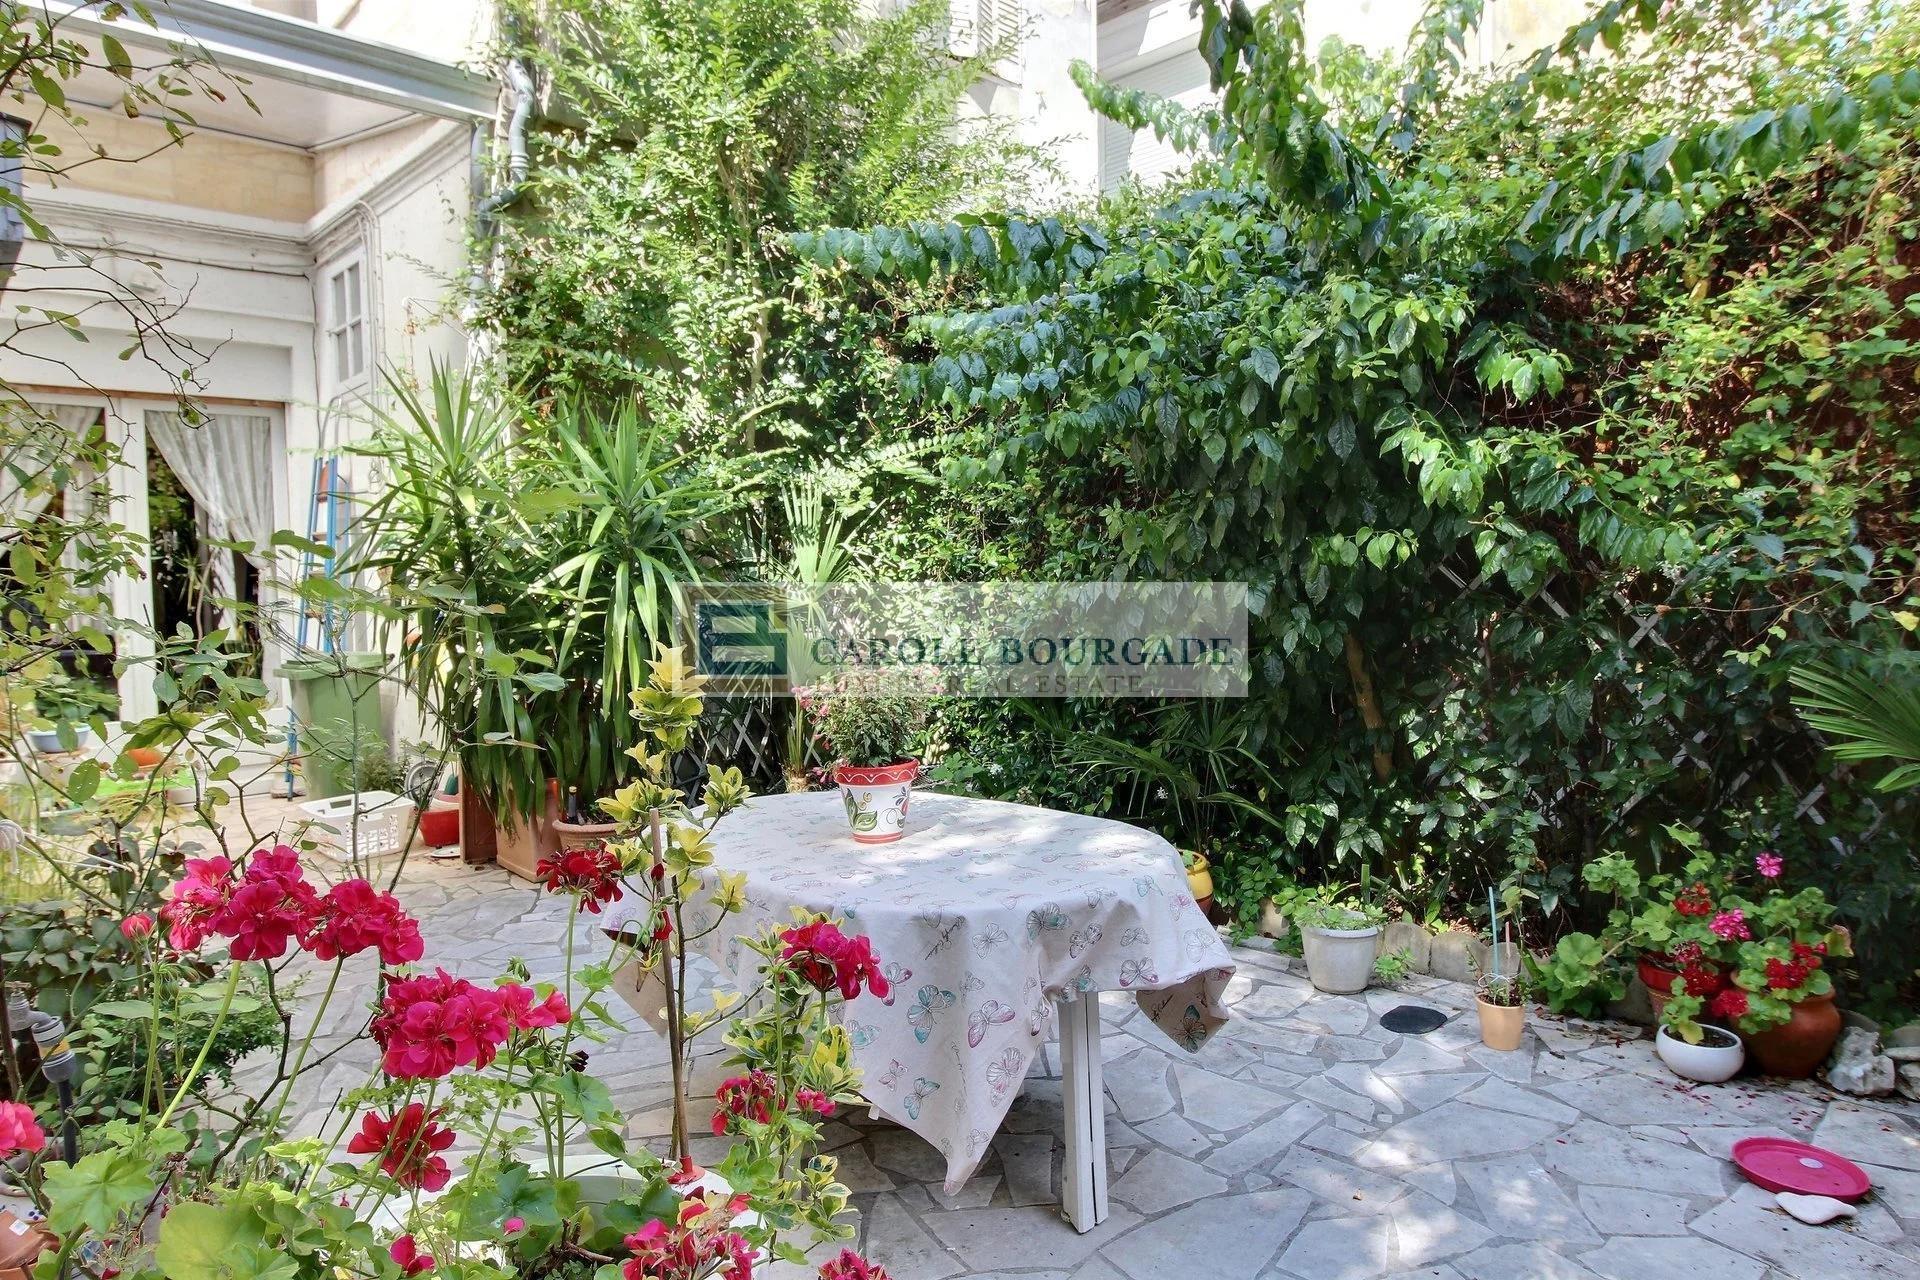 Venta Casa adosada Bordeaux Jardin Public